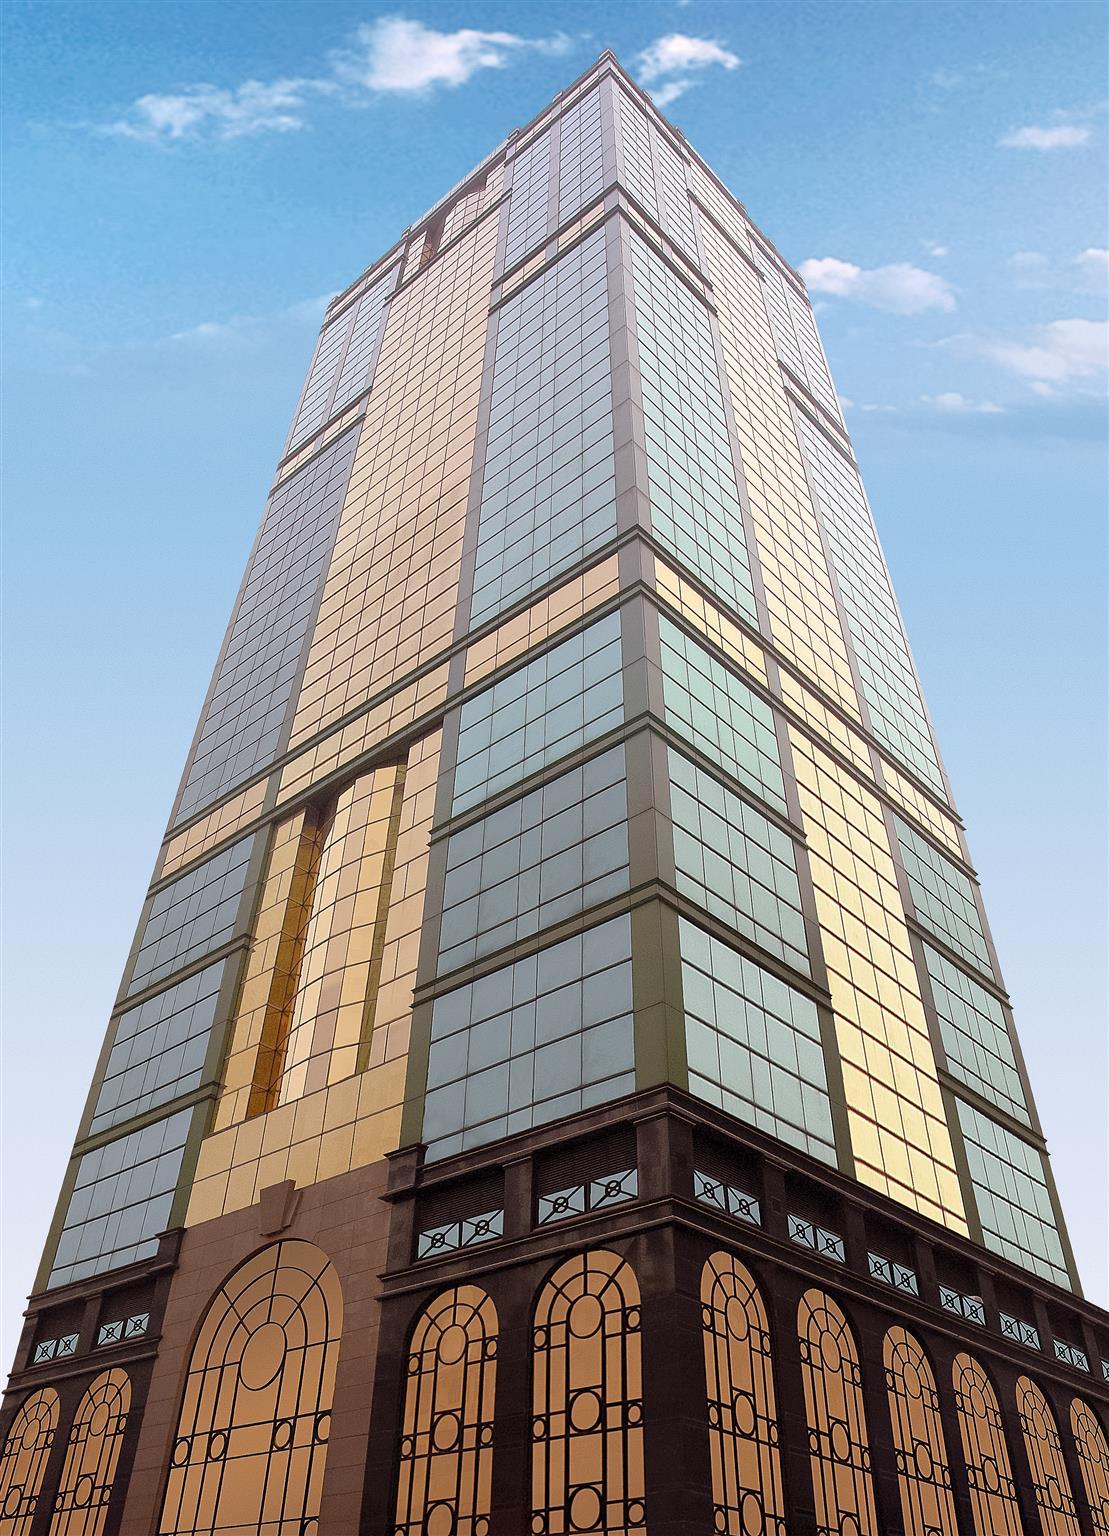 Best Western Hotel Room: Best Western Plus Hotel Hong Kong